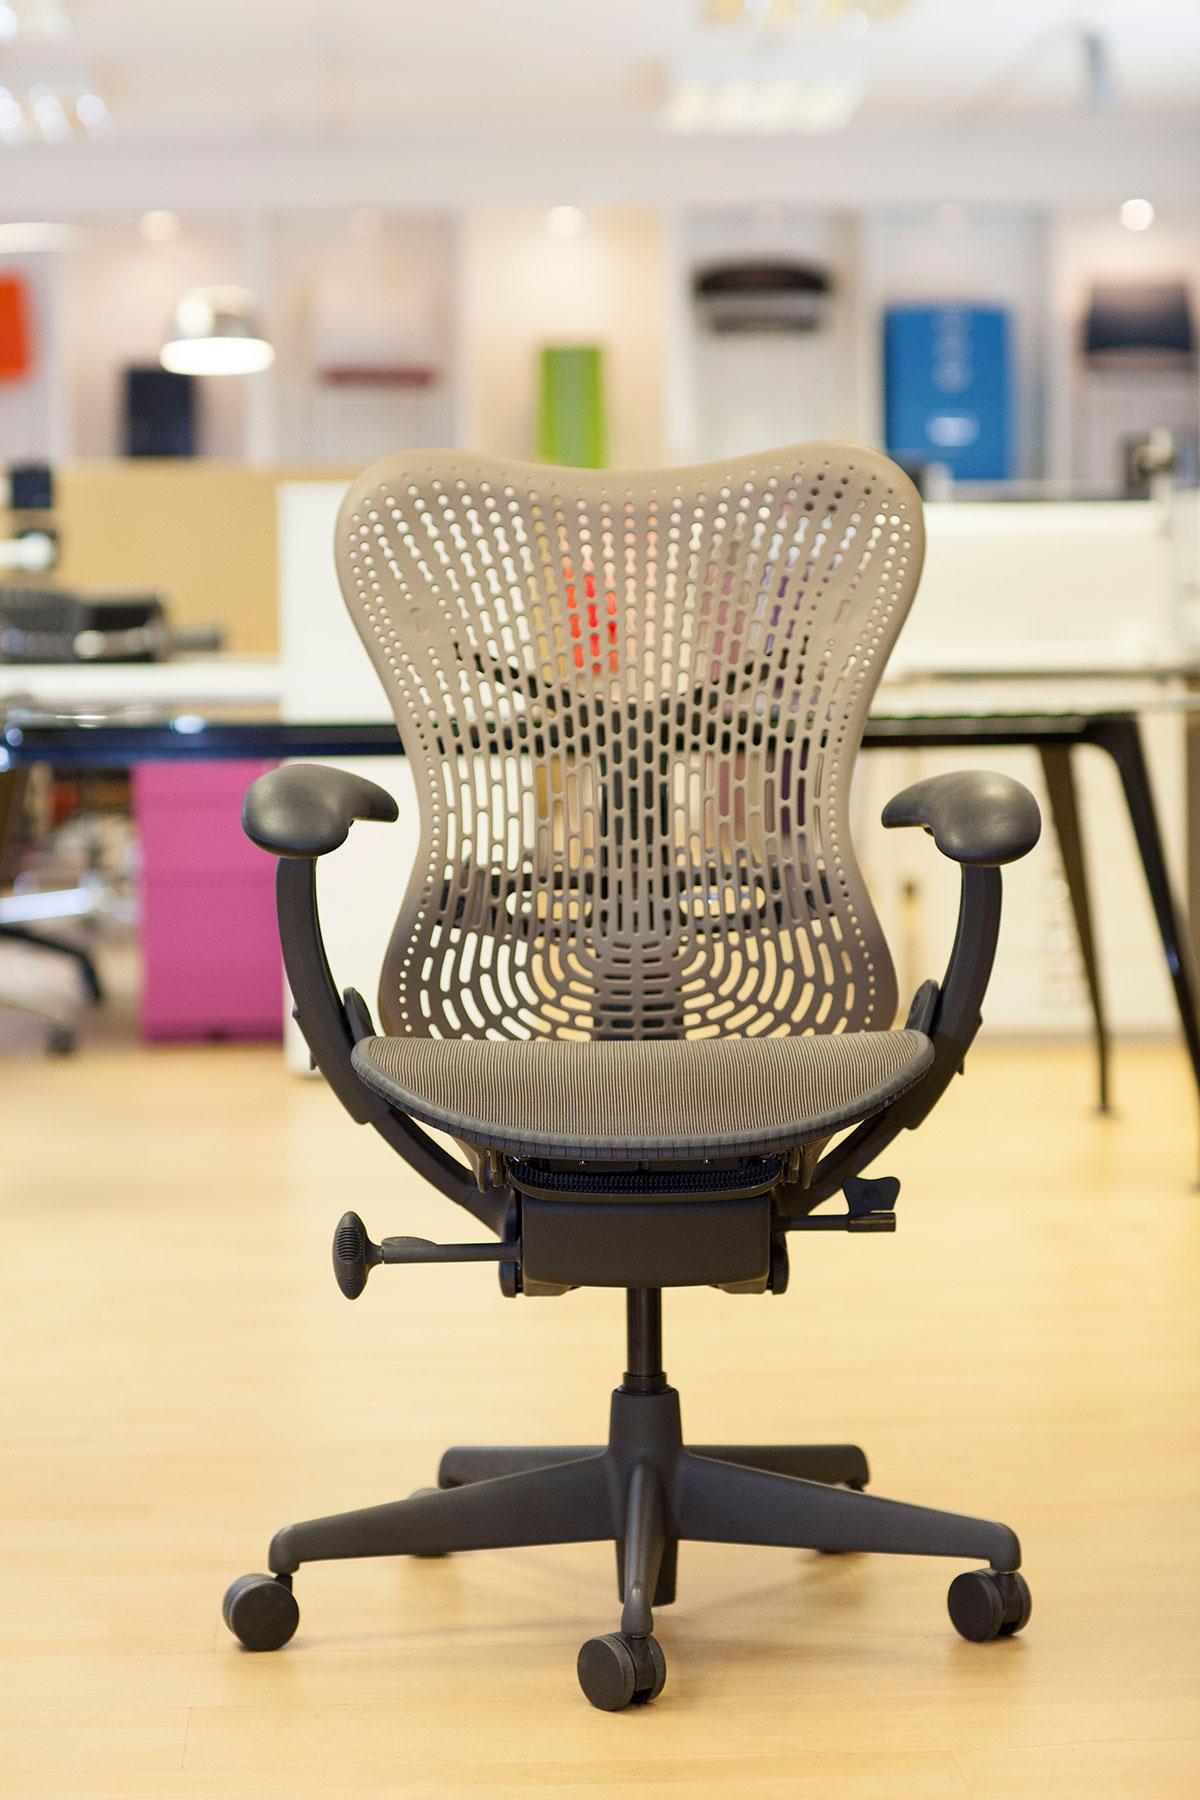 Herman Miller Mirra chair back